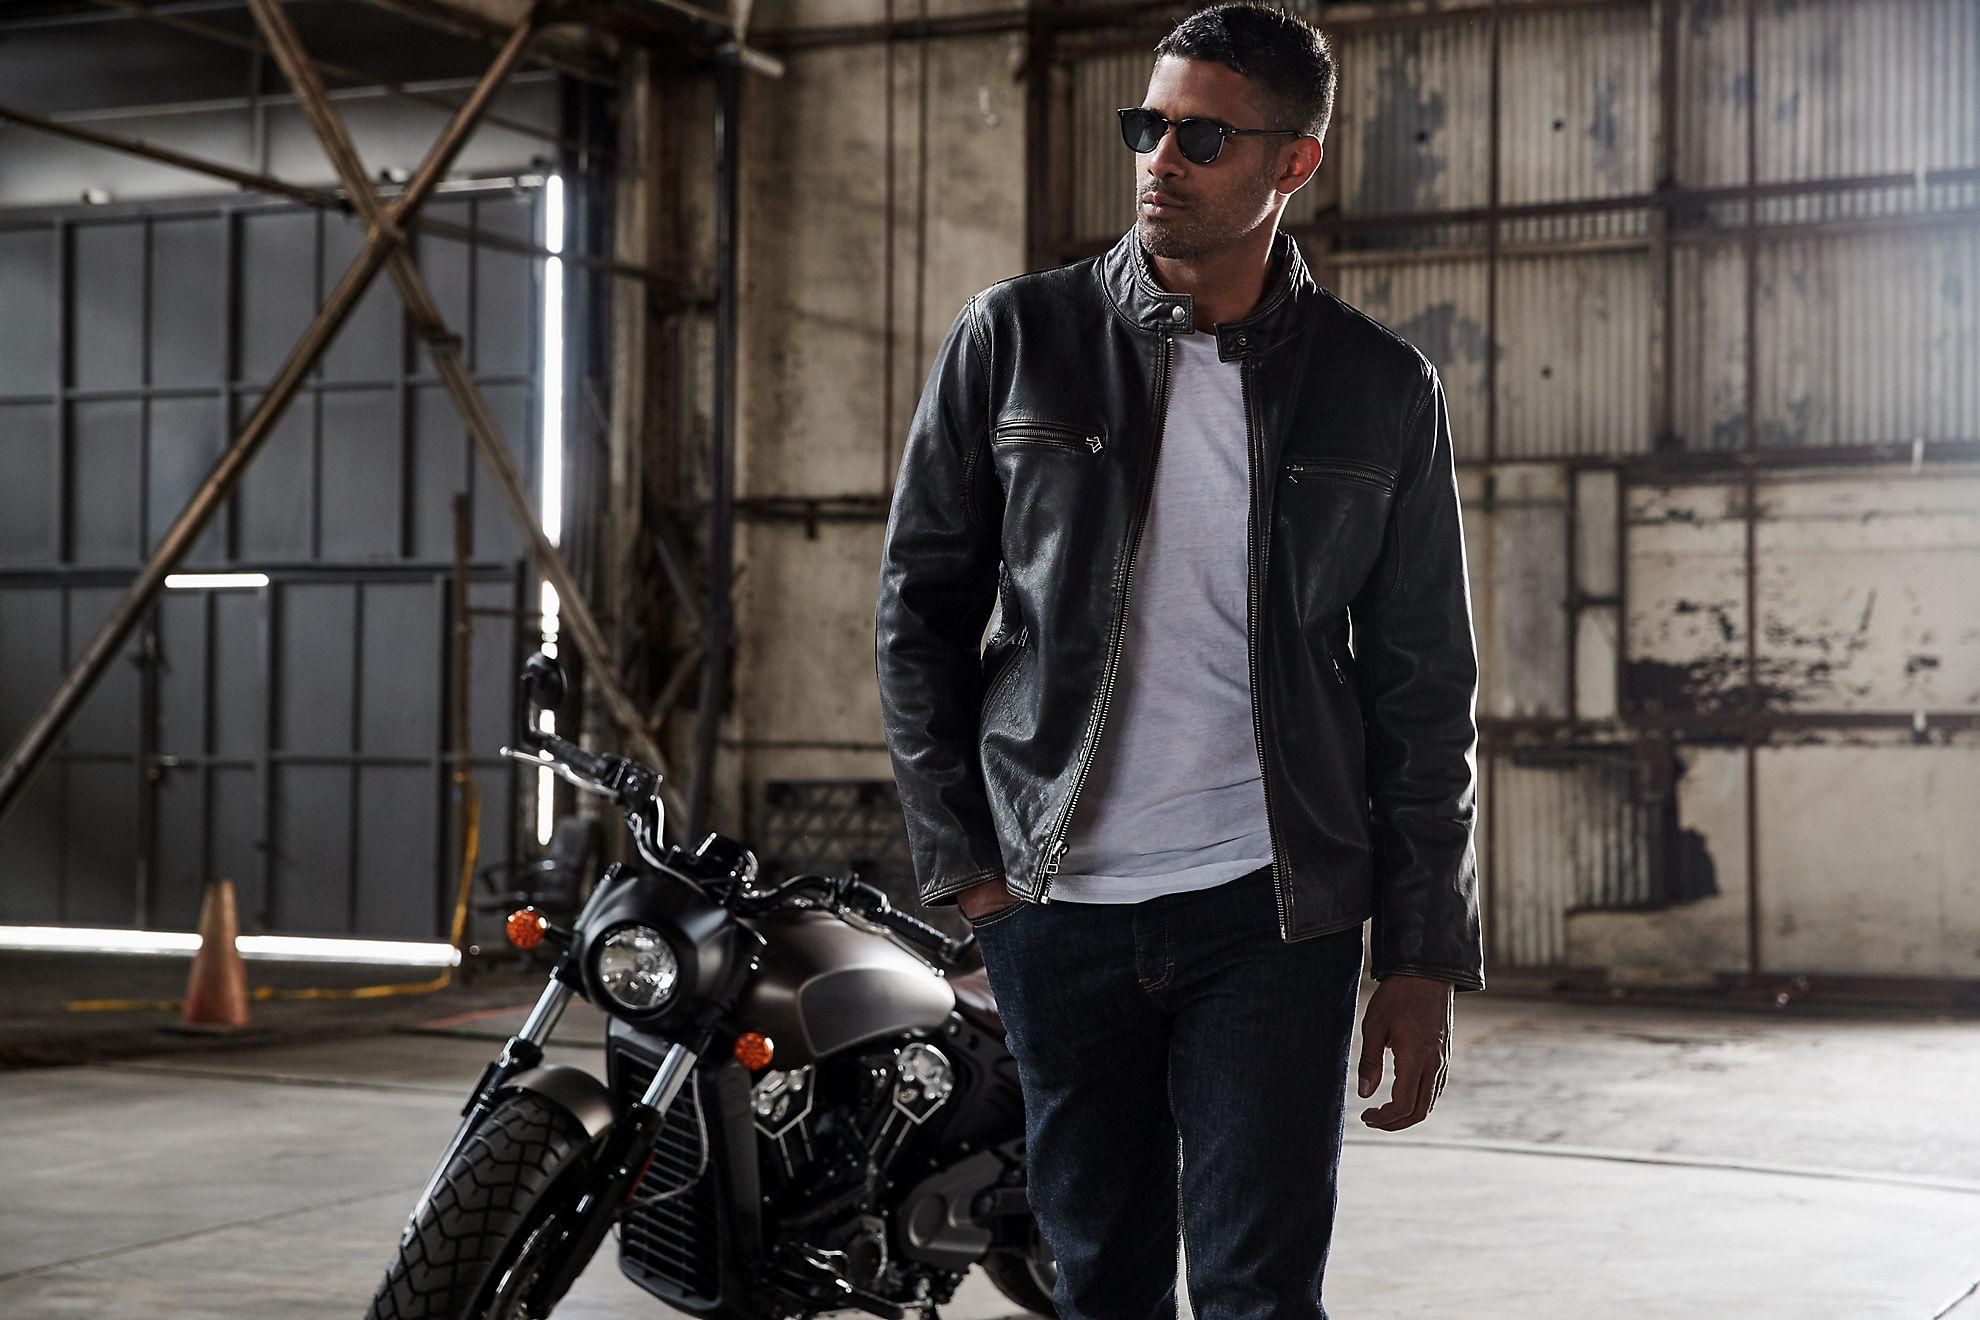 Retro Motocross Goatskin Leather Jacket